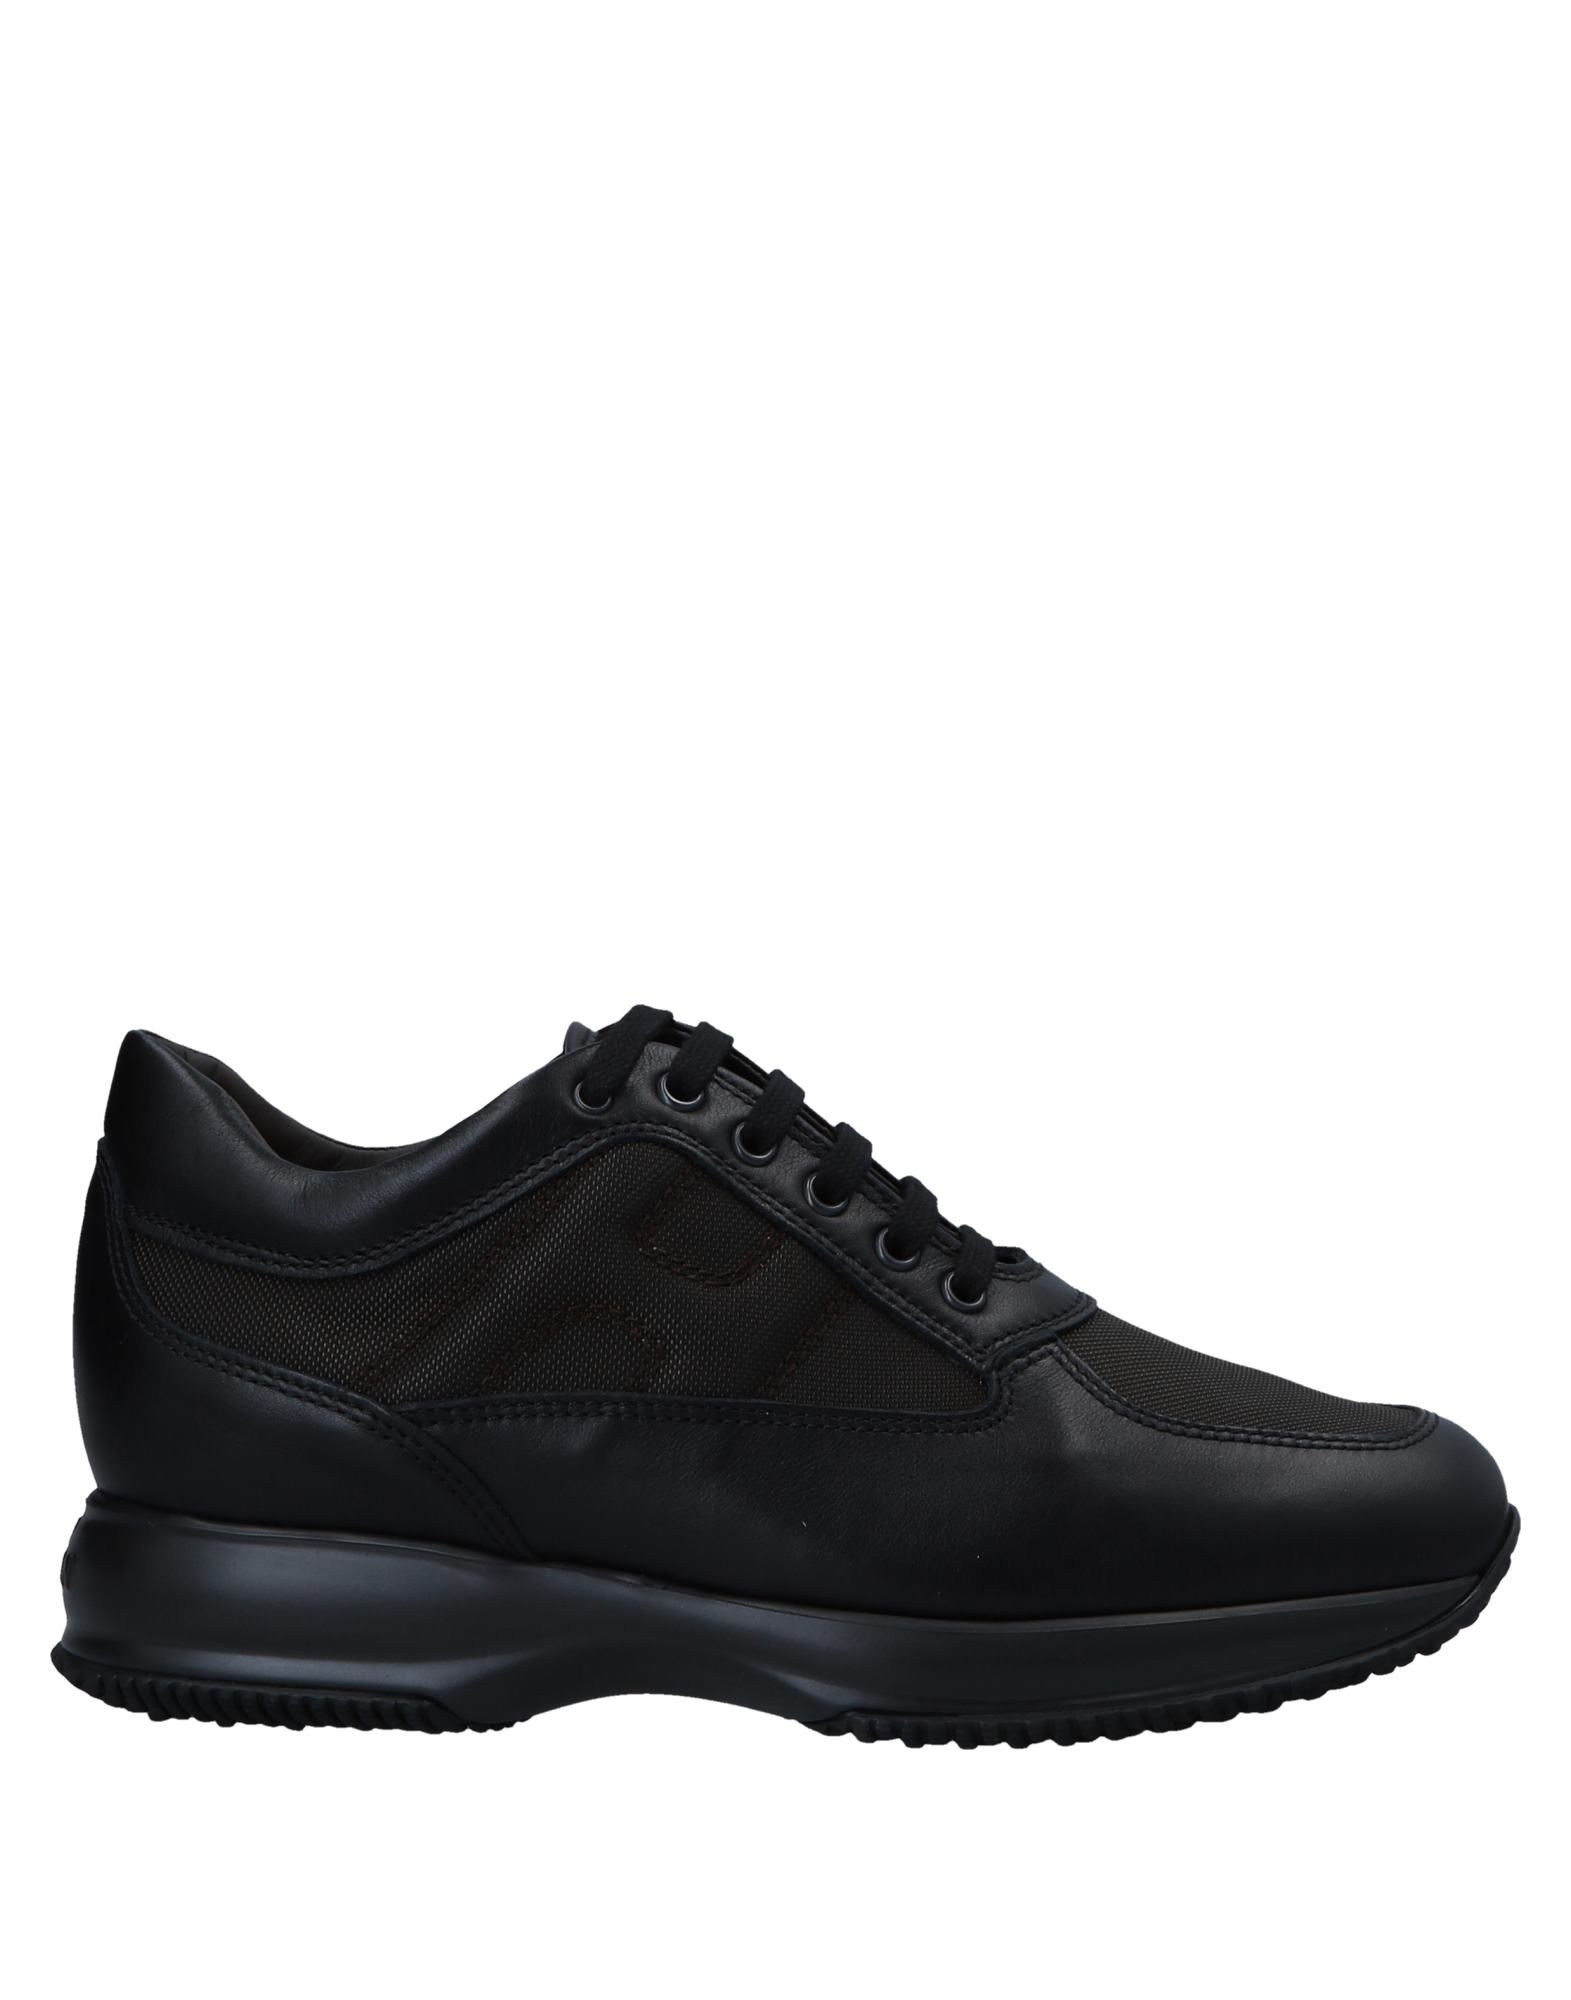 Sneakers Hogan Homme - Sneakers Hogan  Noir Mode pas cher et belle